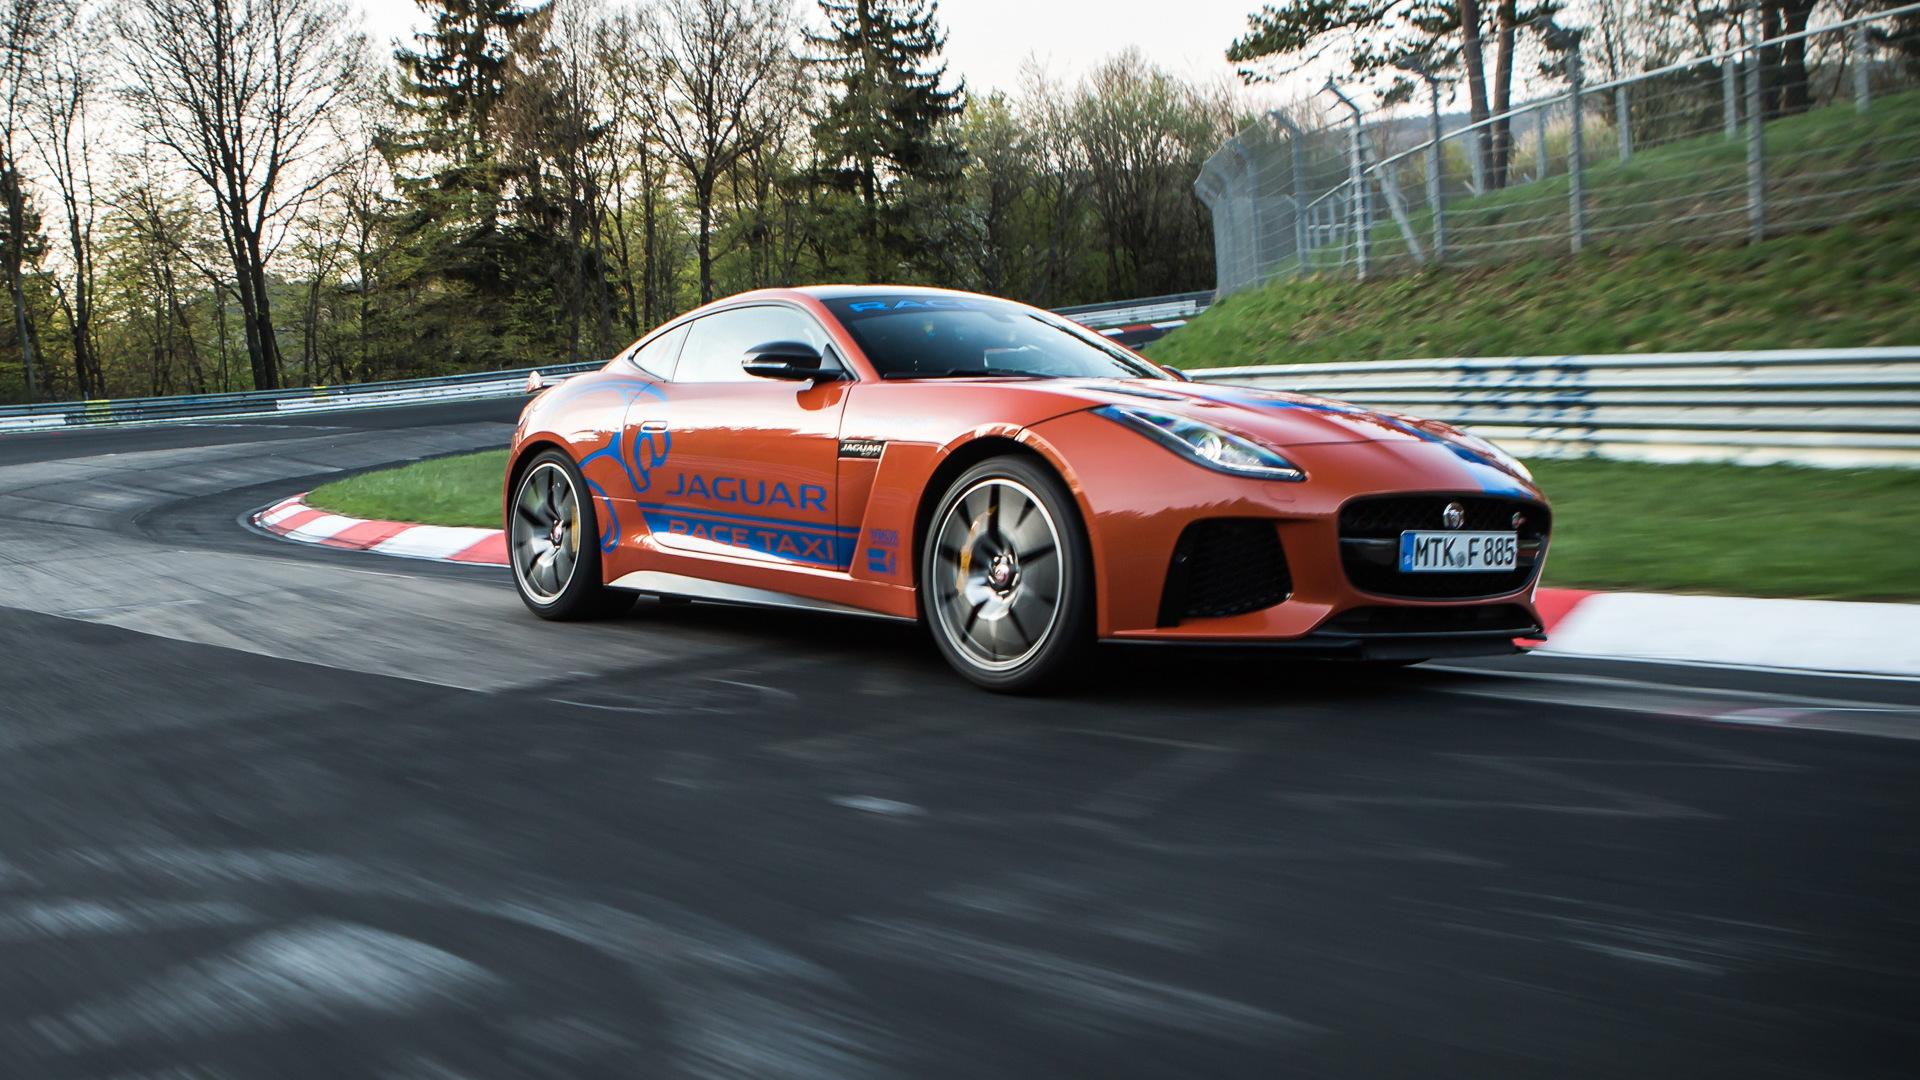 2018 Jaguar F-Type SVR Nürburgring Race Taxi